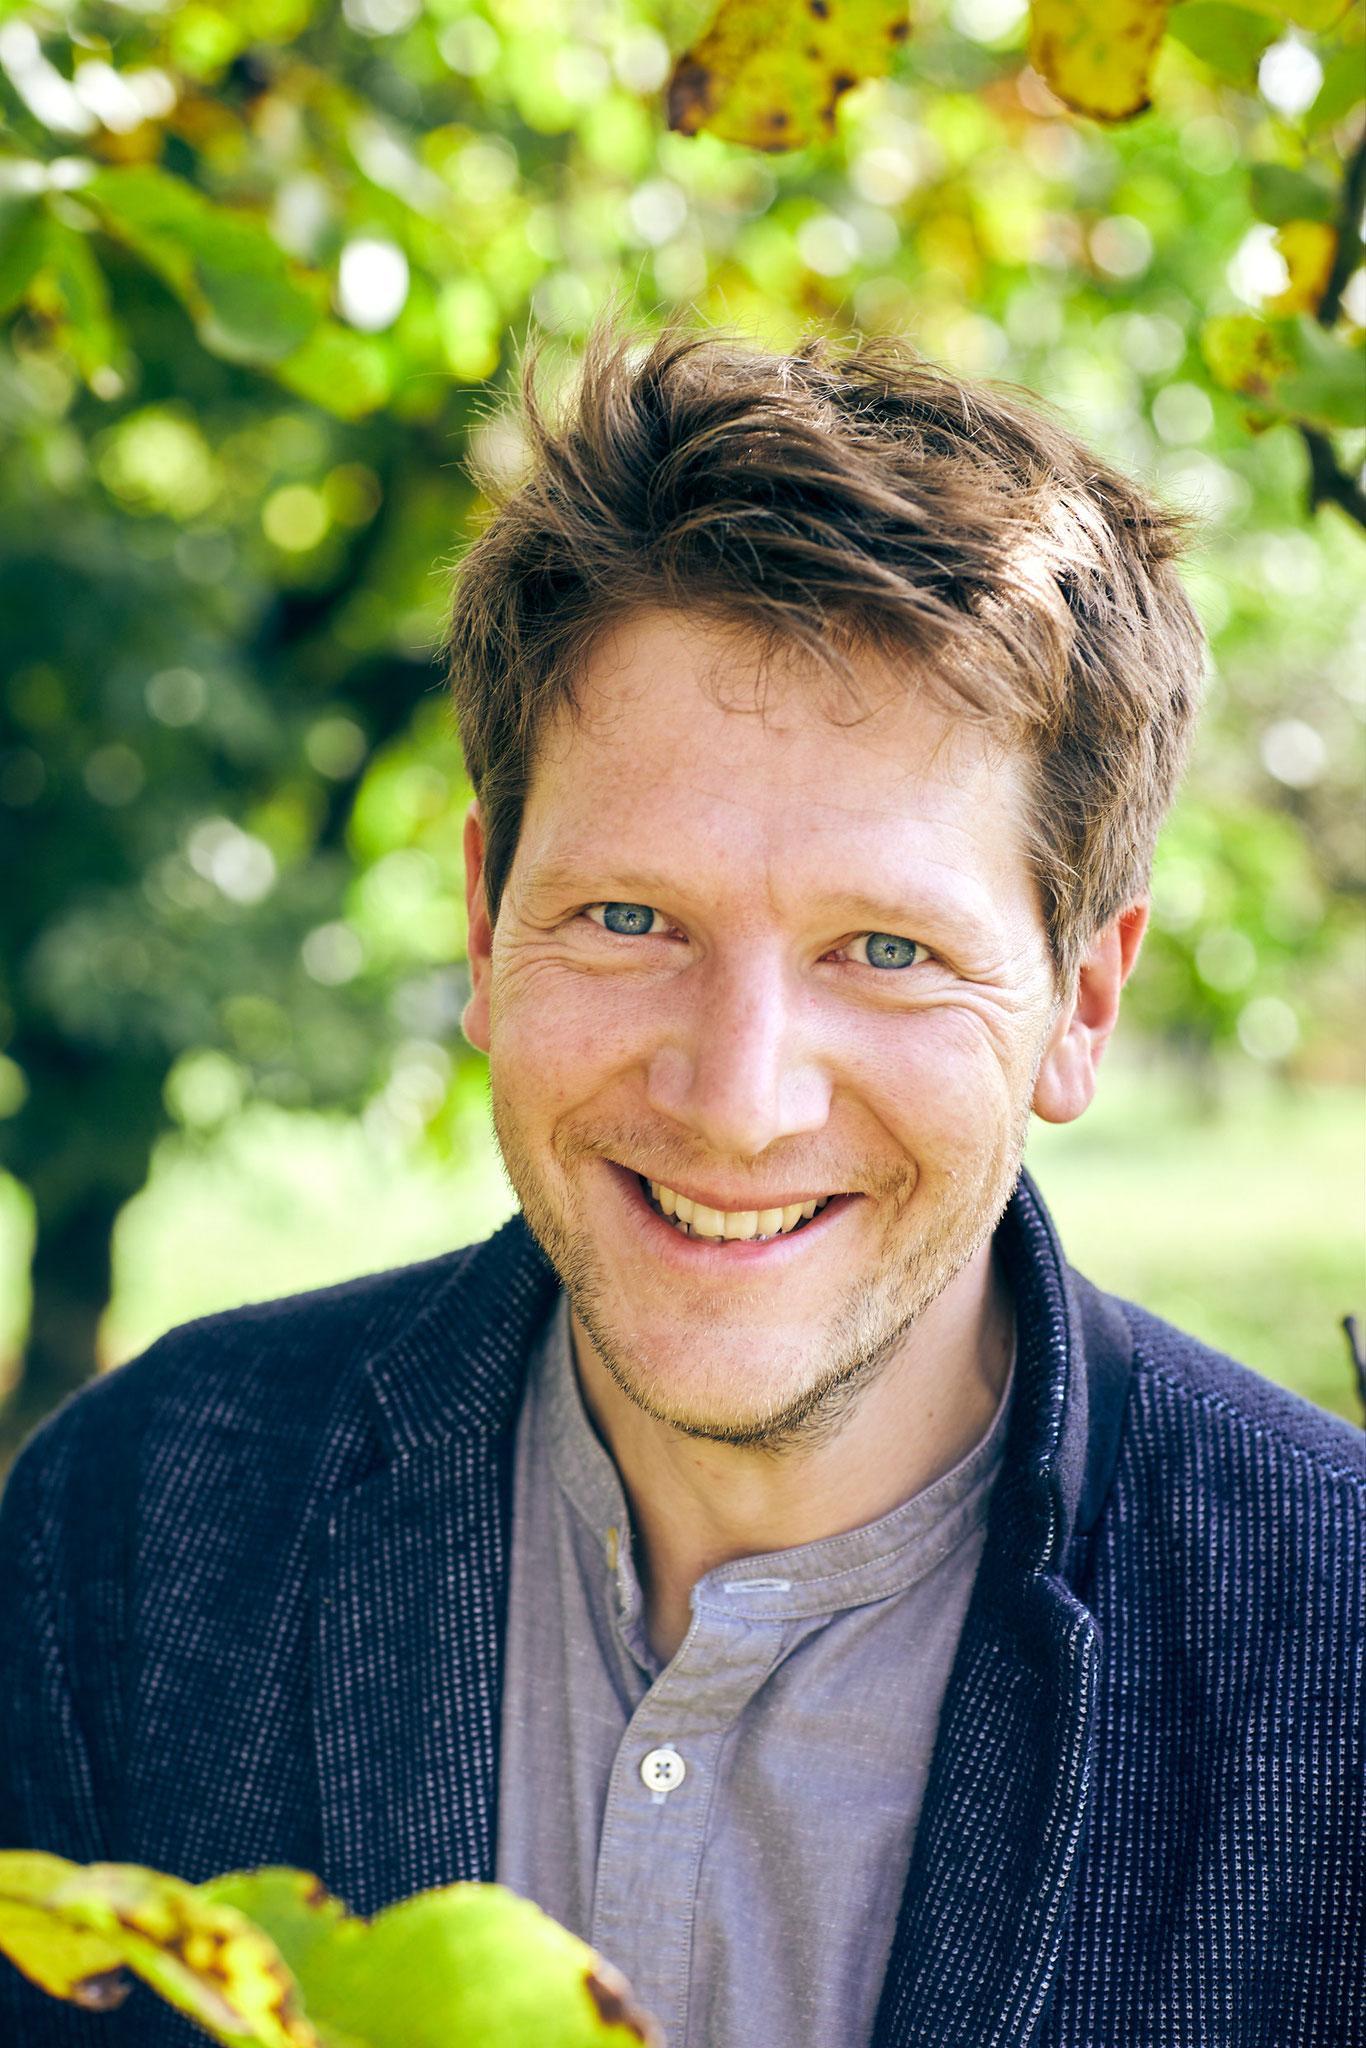 Martin Sorger - kam über die Liebe, zur Liebe zum Wein. Konstrukteur, Tüftler und Bastler